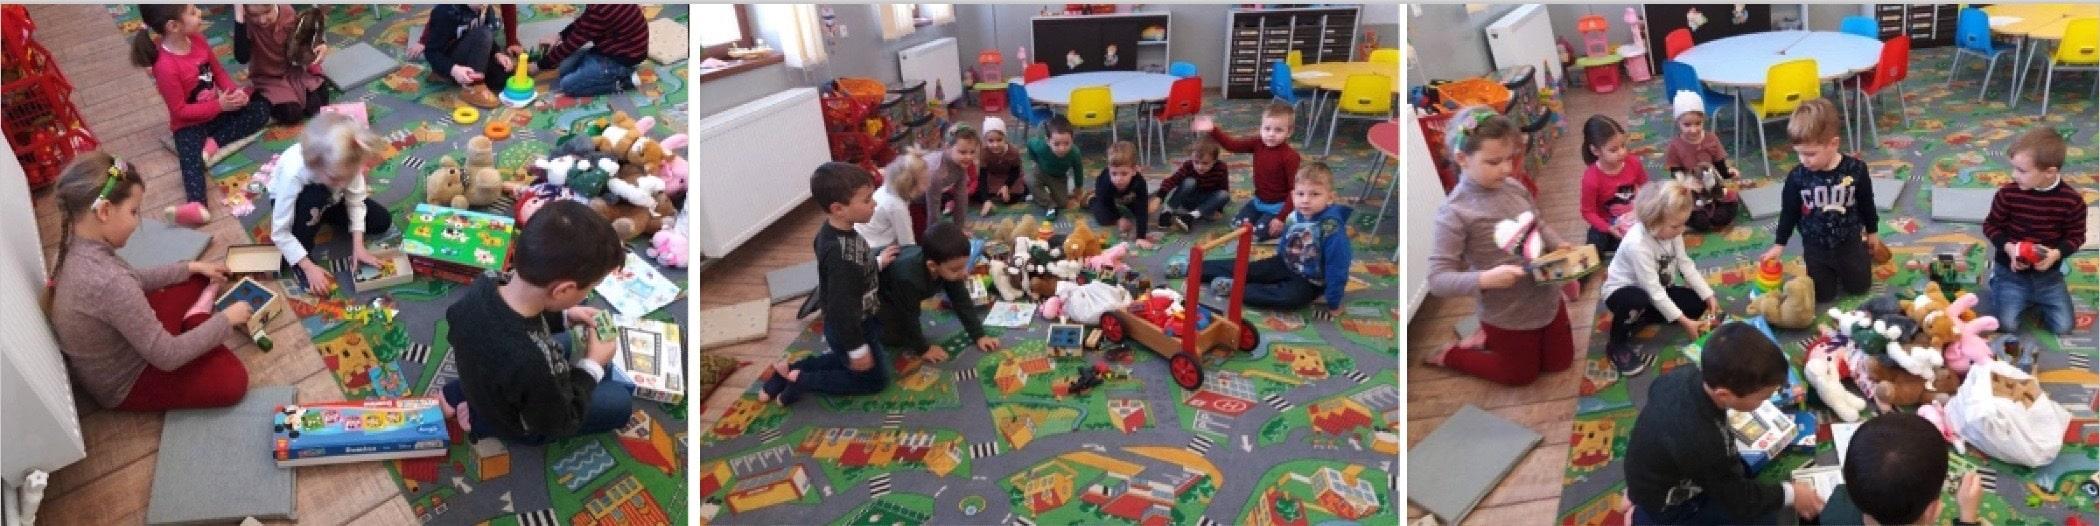 varna-speelgoed-verdeling-basisschool-hulp-oost-europa-SMHO